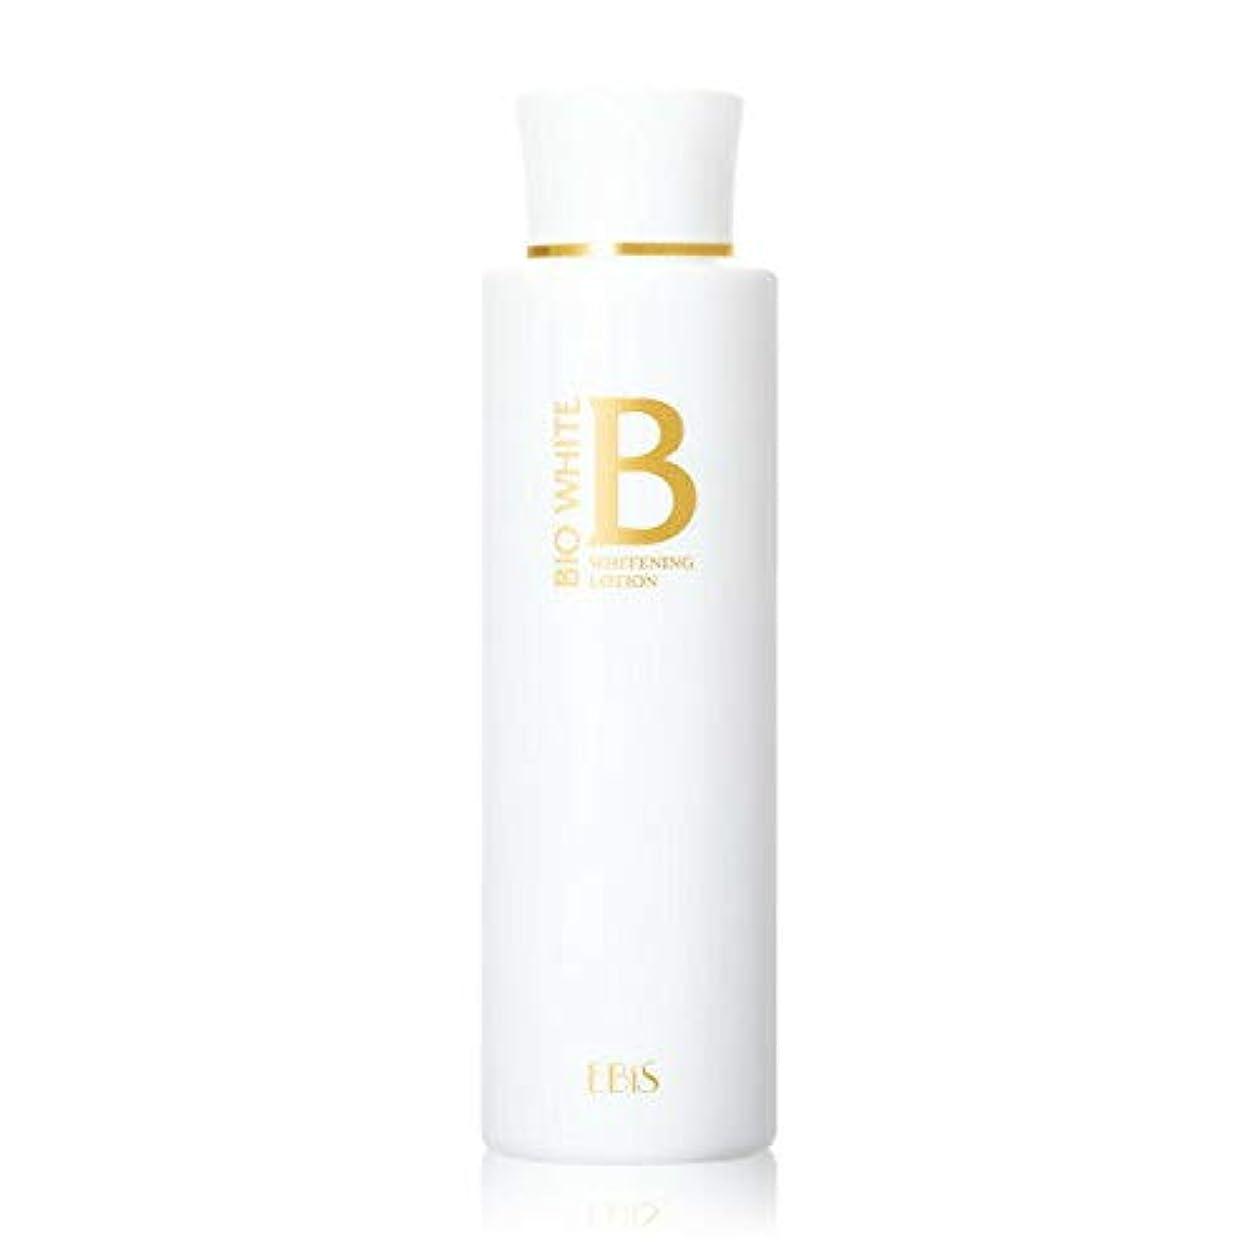 スパンお勧め図エビス化粧品(EBiS) エビス ビーホワイトローション 150ml 美白化粧水 トラネキサム酸 配合 医薬部外品